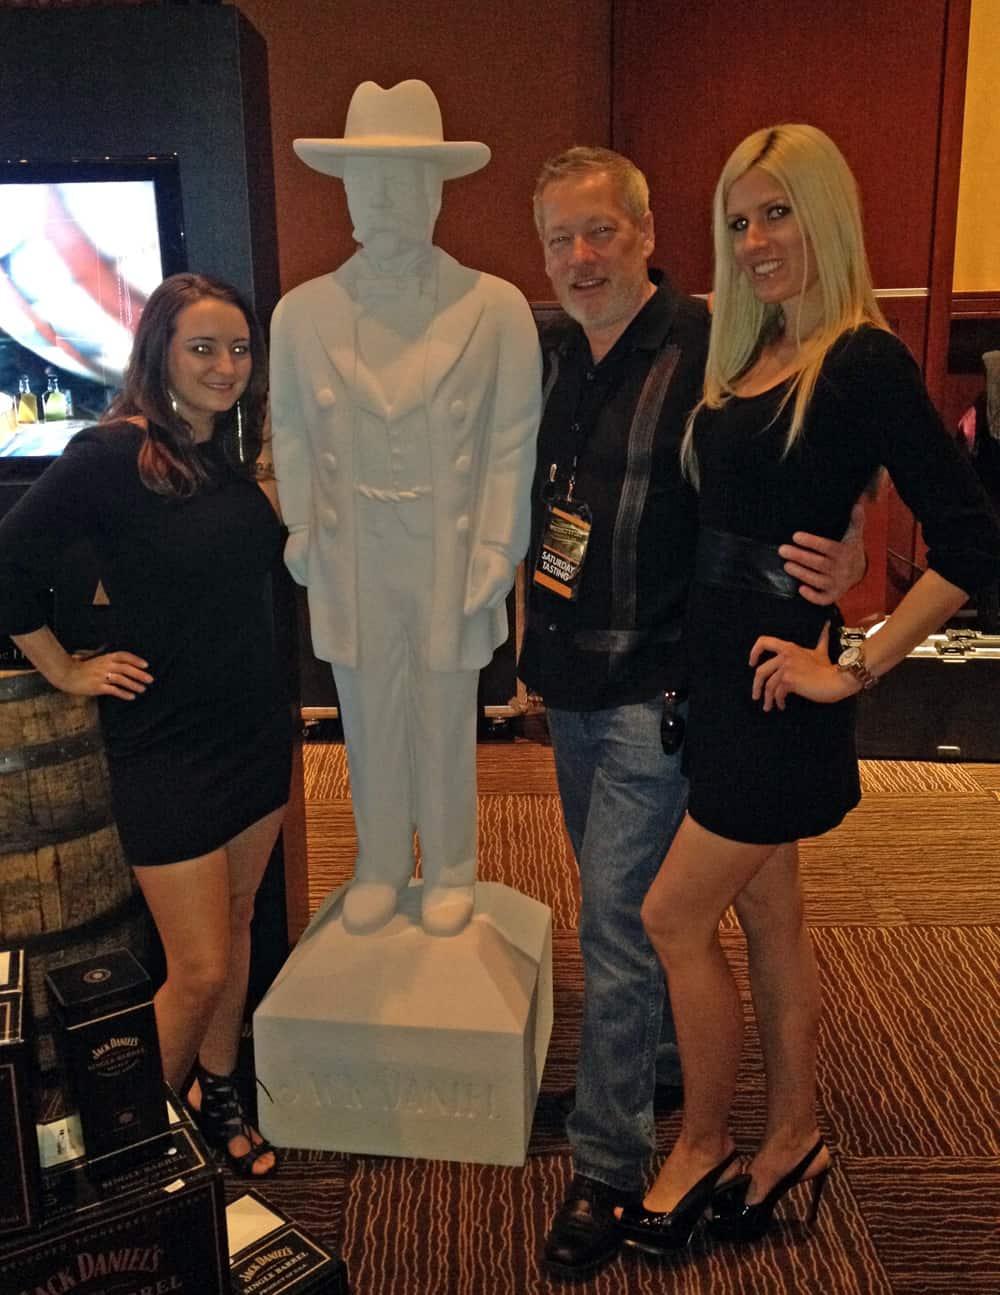 WhiskeyFest 2014 - Jack Daniels Ladies, Las Vegas, NV.